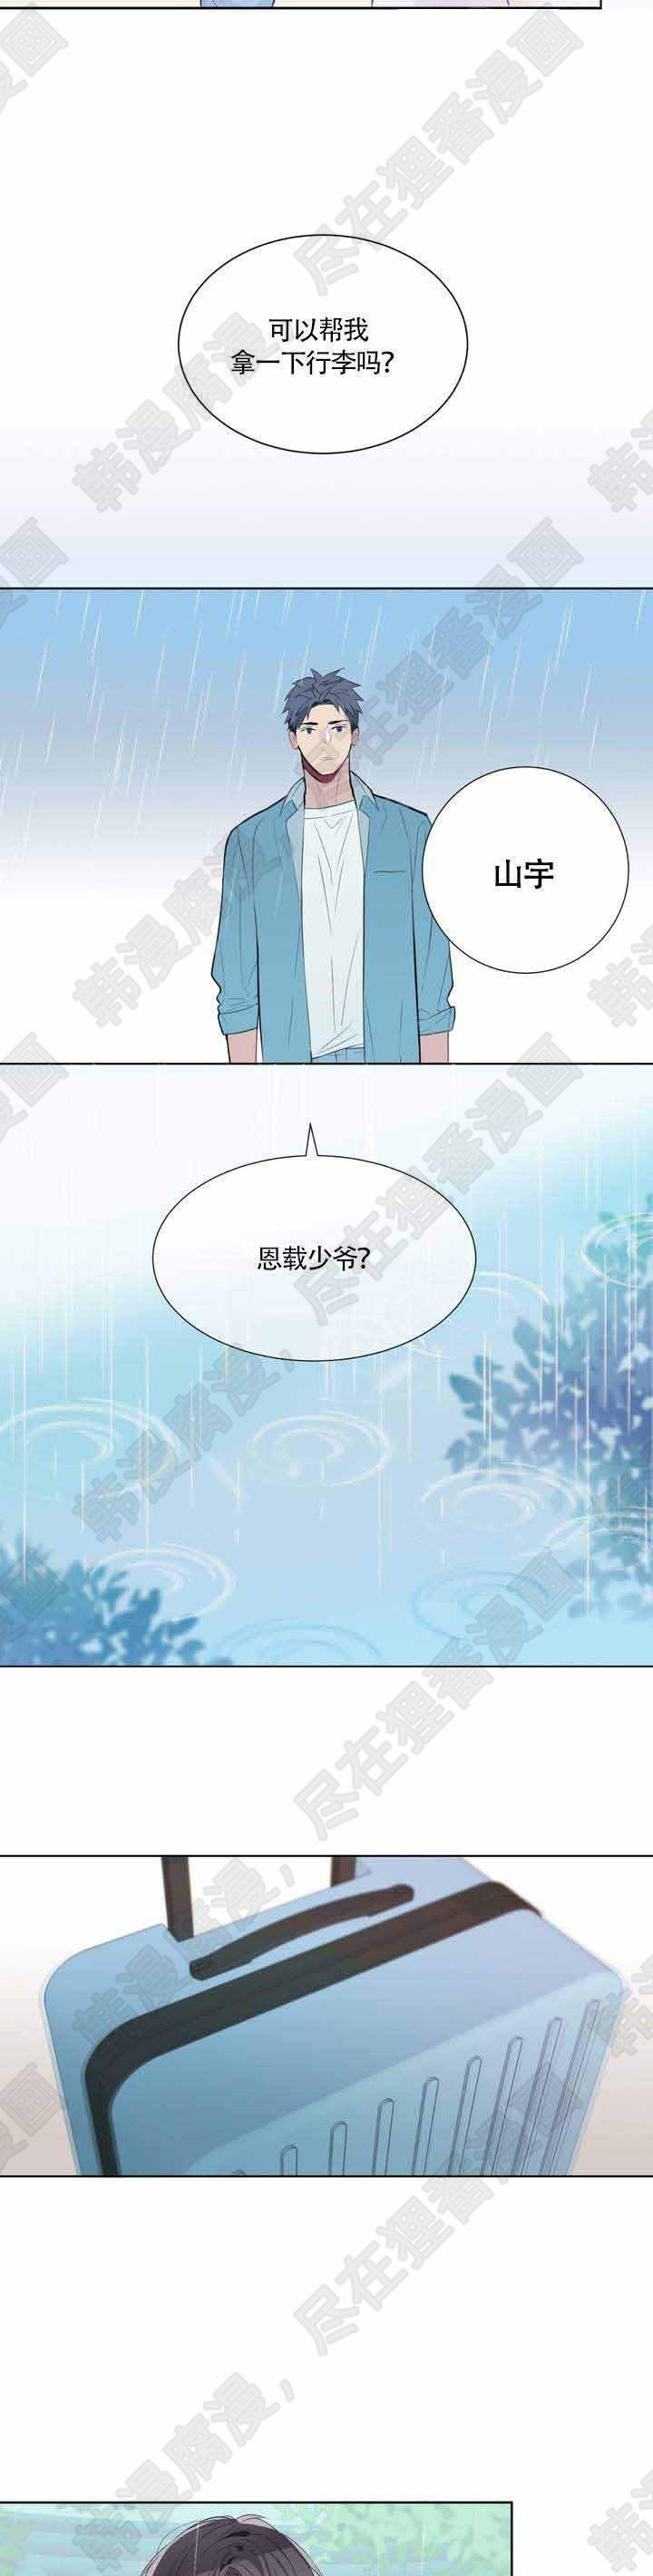 夏天的客人-漫画完整版汉化_(全集在线免费阅读)-啵乐漫画